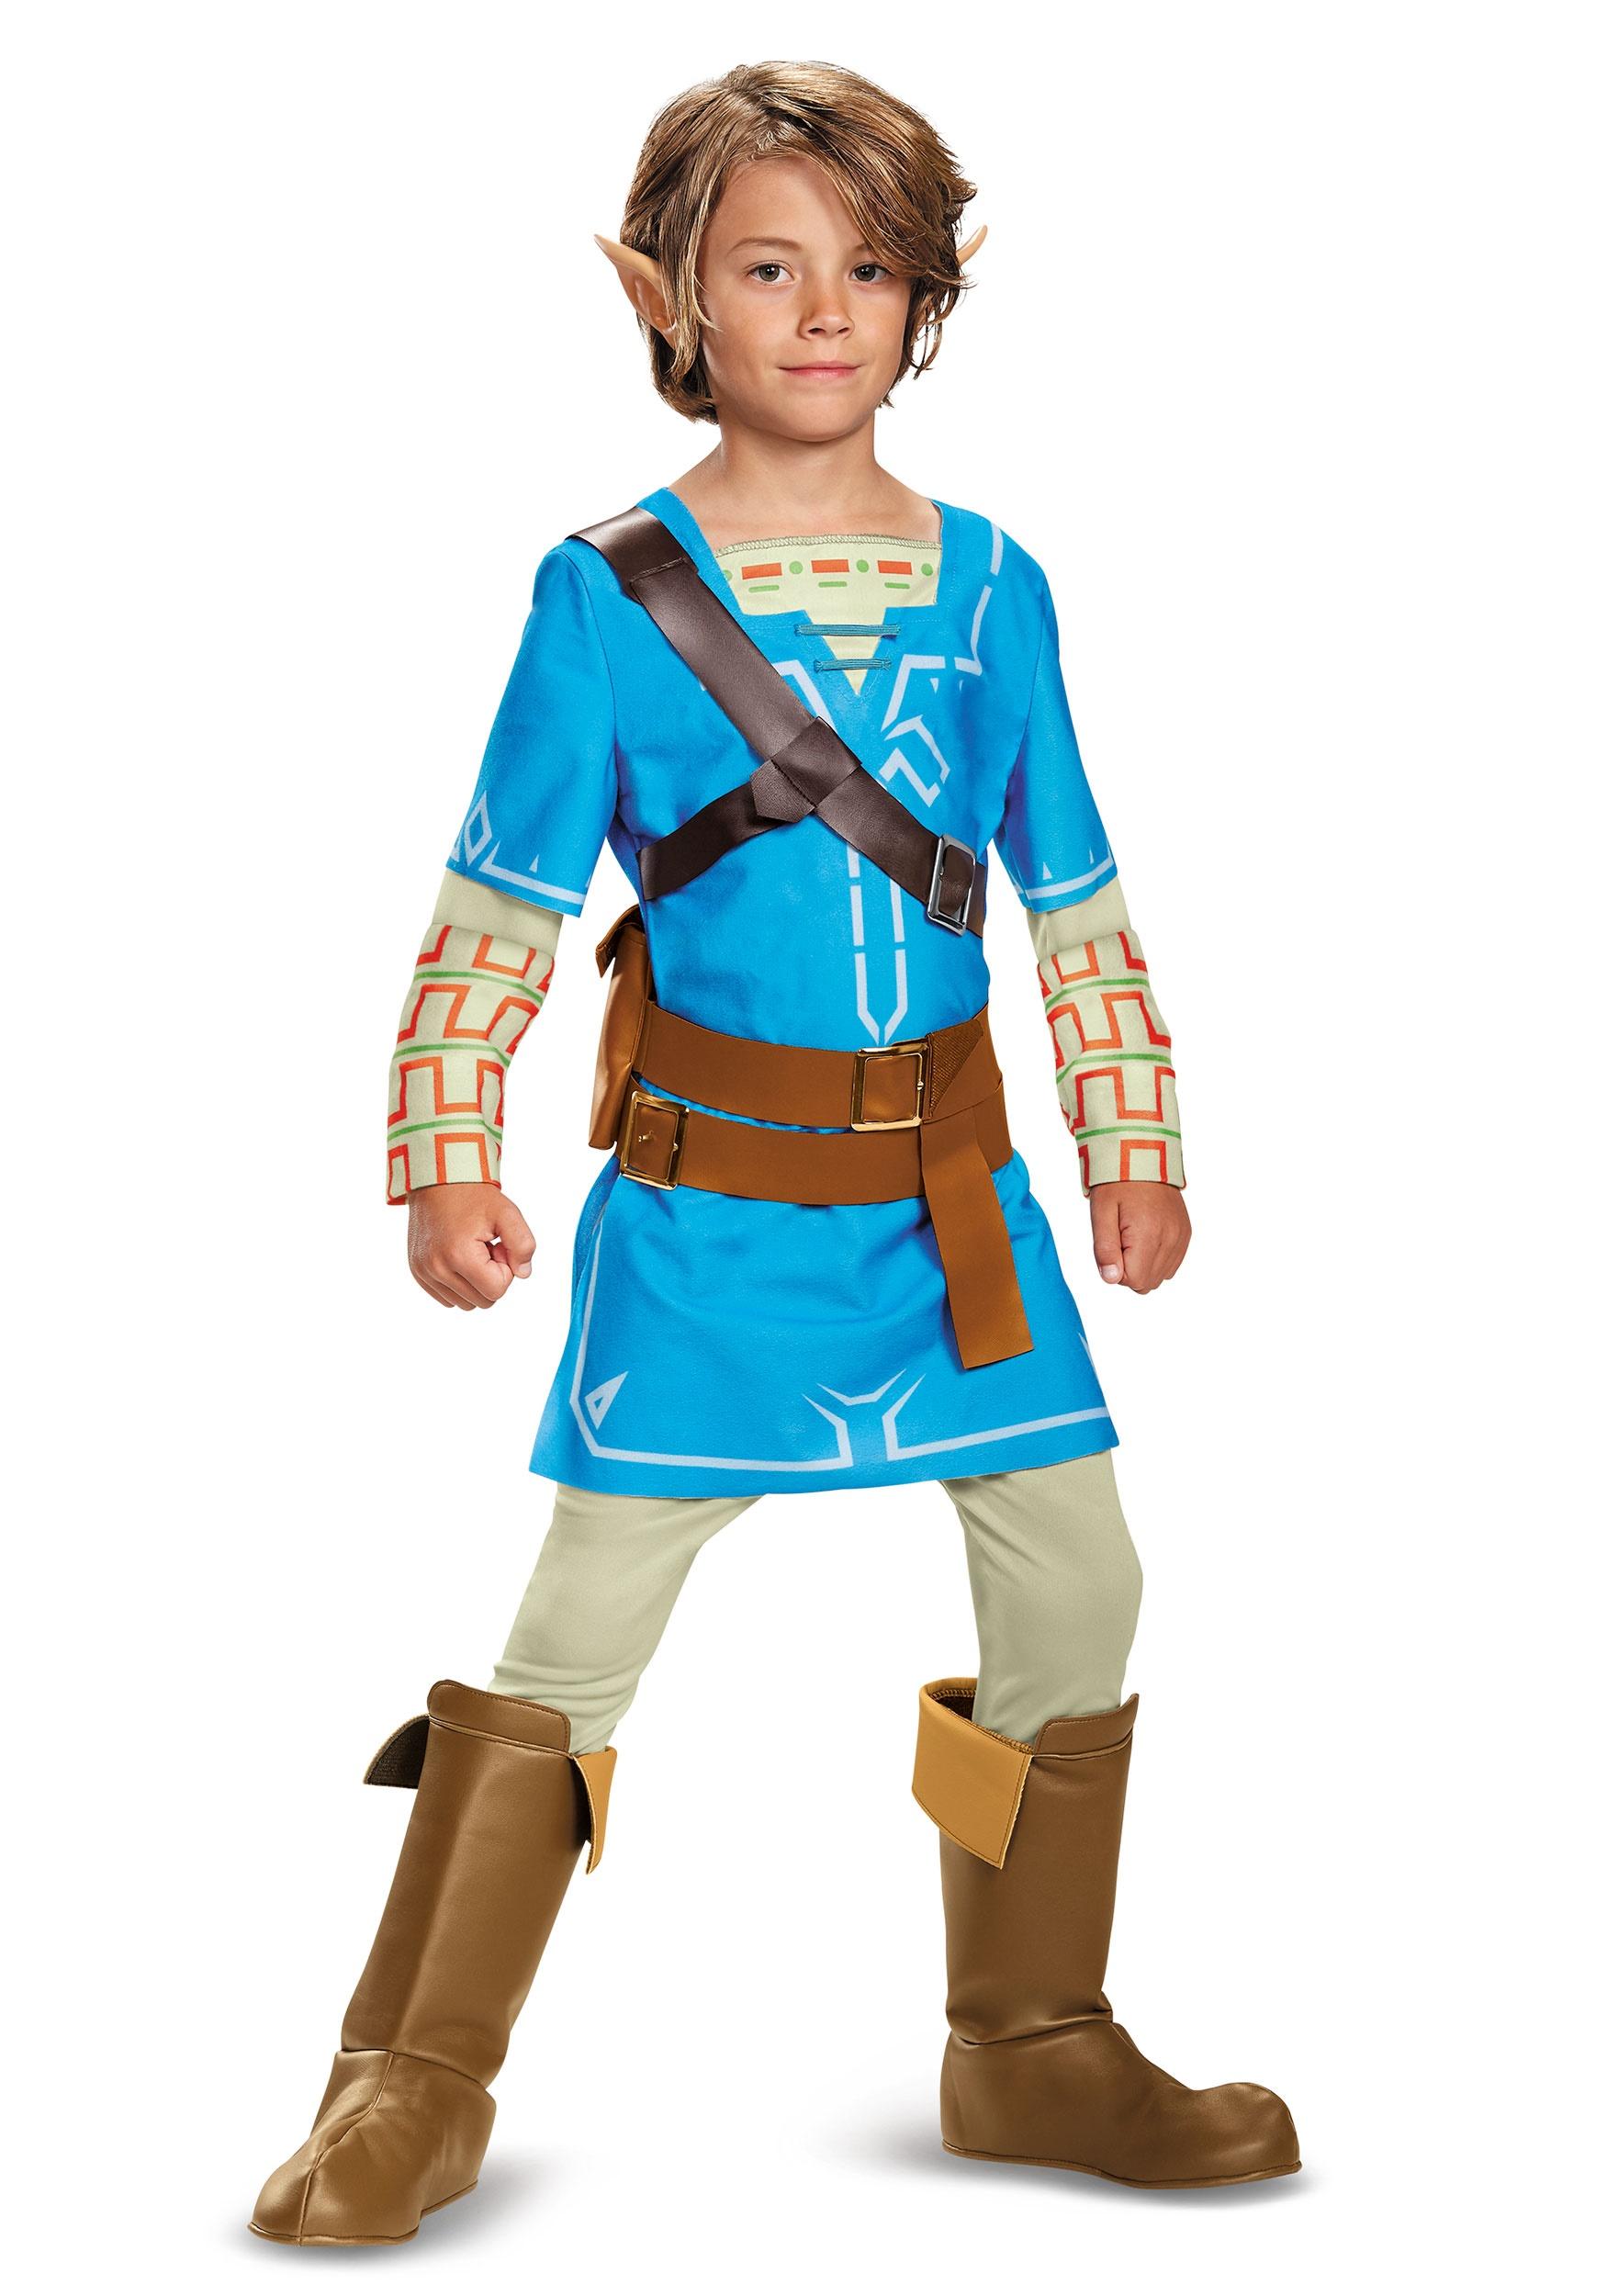 Legend of Zelda Breath of the Wild Link Deluxe Boys Costume  sc 1 st  Halloween Costumes AU & Zelda Costumes - Legend of Zelda Costume Ideas